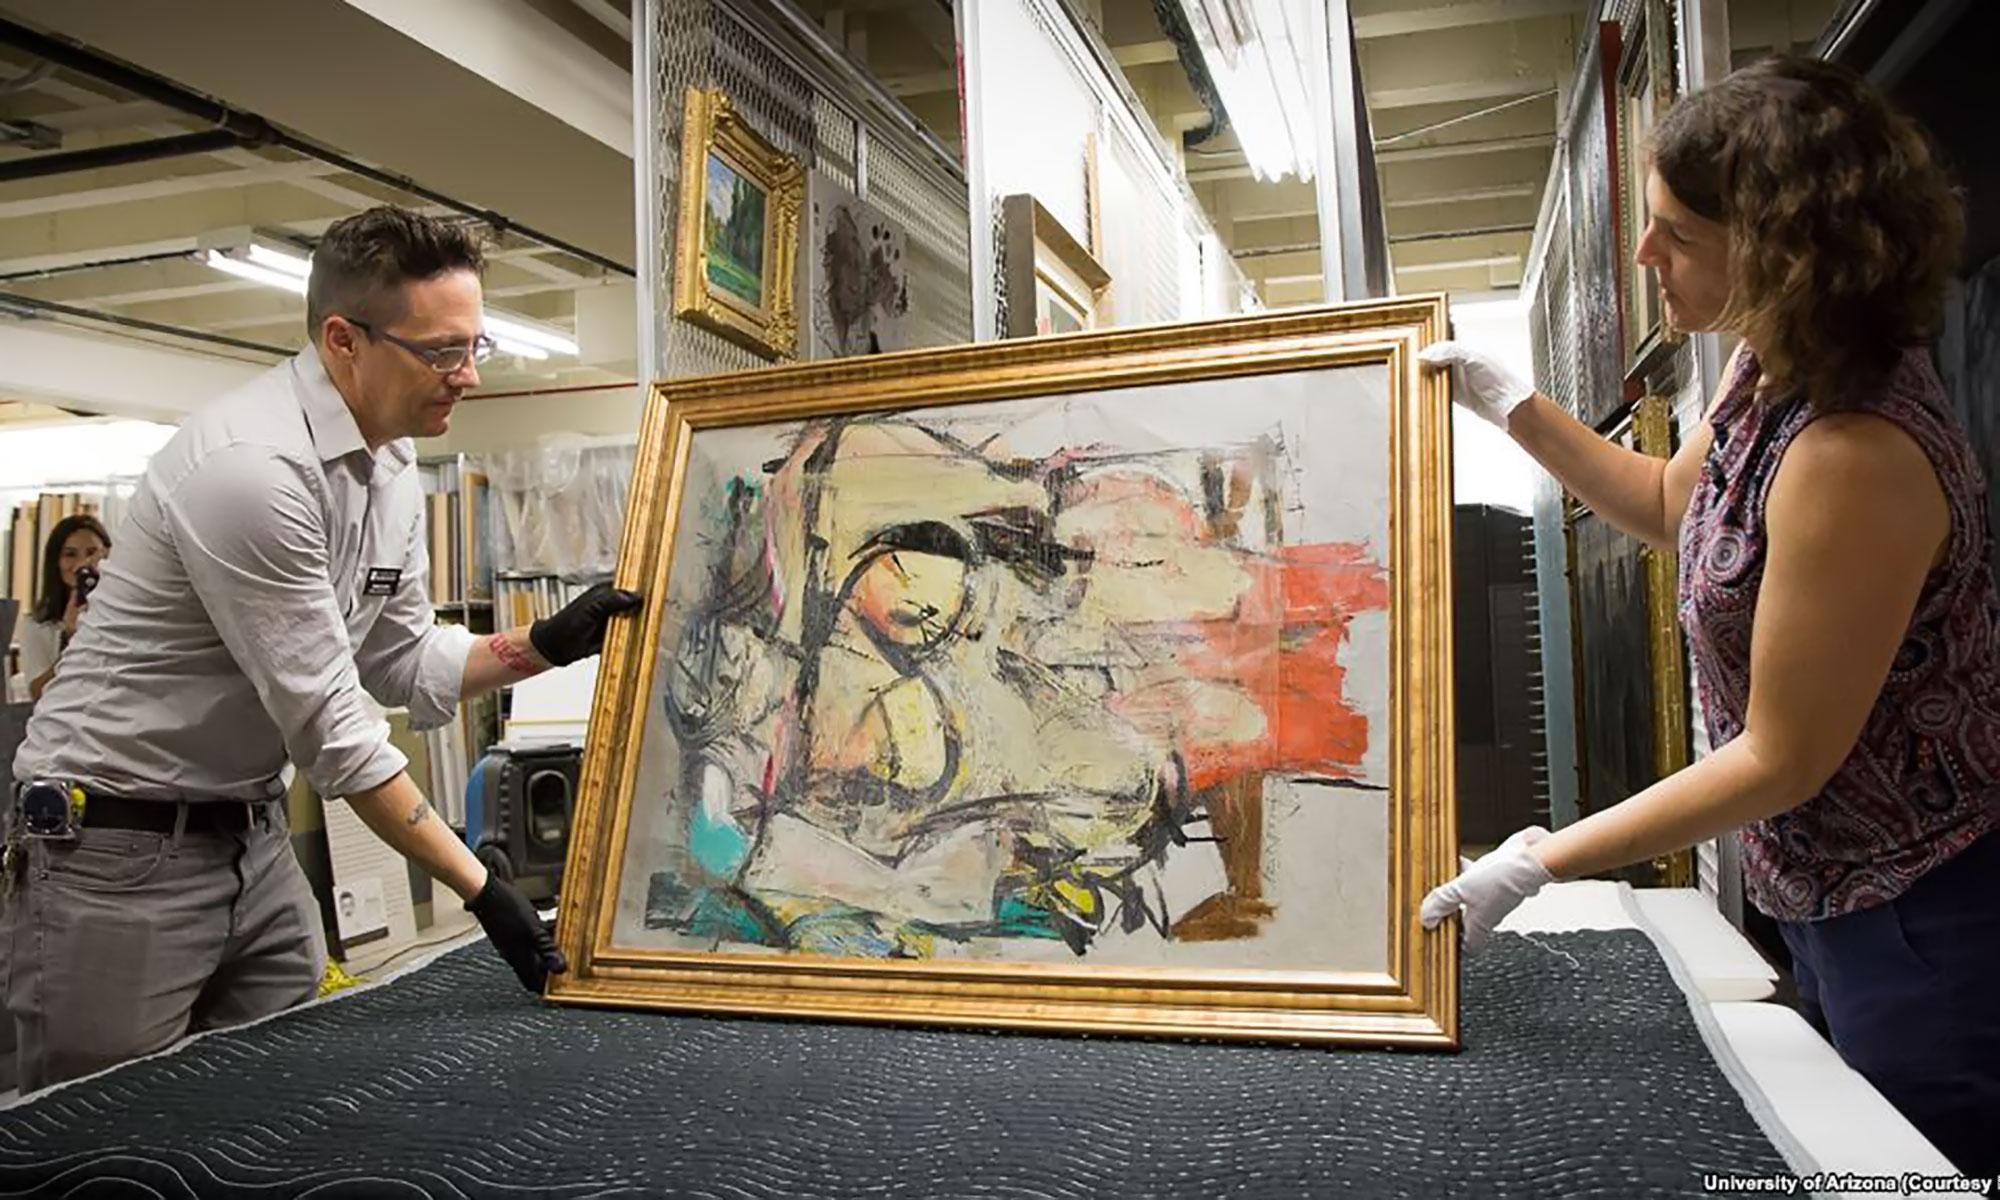 Lukisan Curian Seharga Rp 2 Triliun Ditemukan Di Balik Pintu Kamar